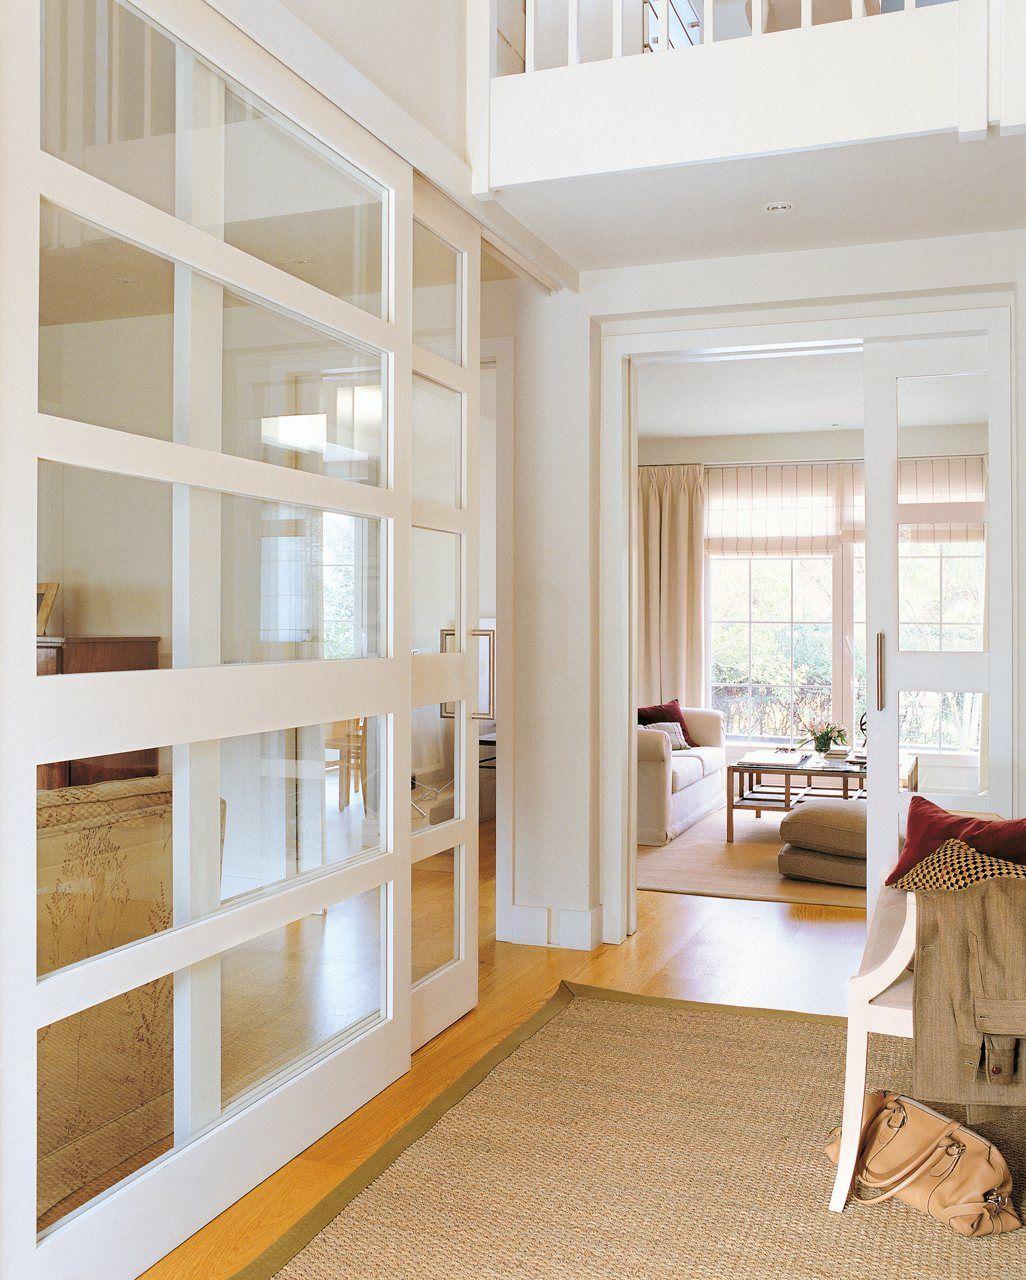 Reformar patio interior en cocina cocinas decoradas - Reformar tu casa ...